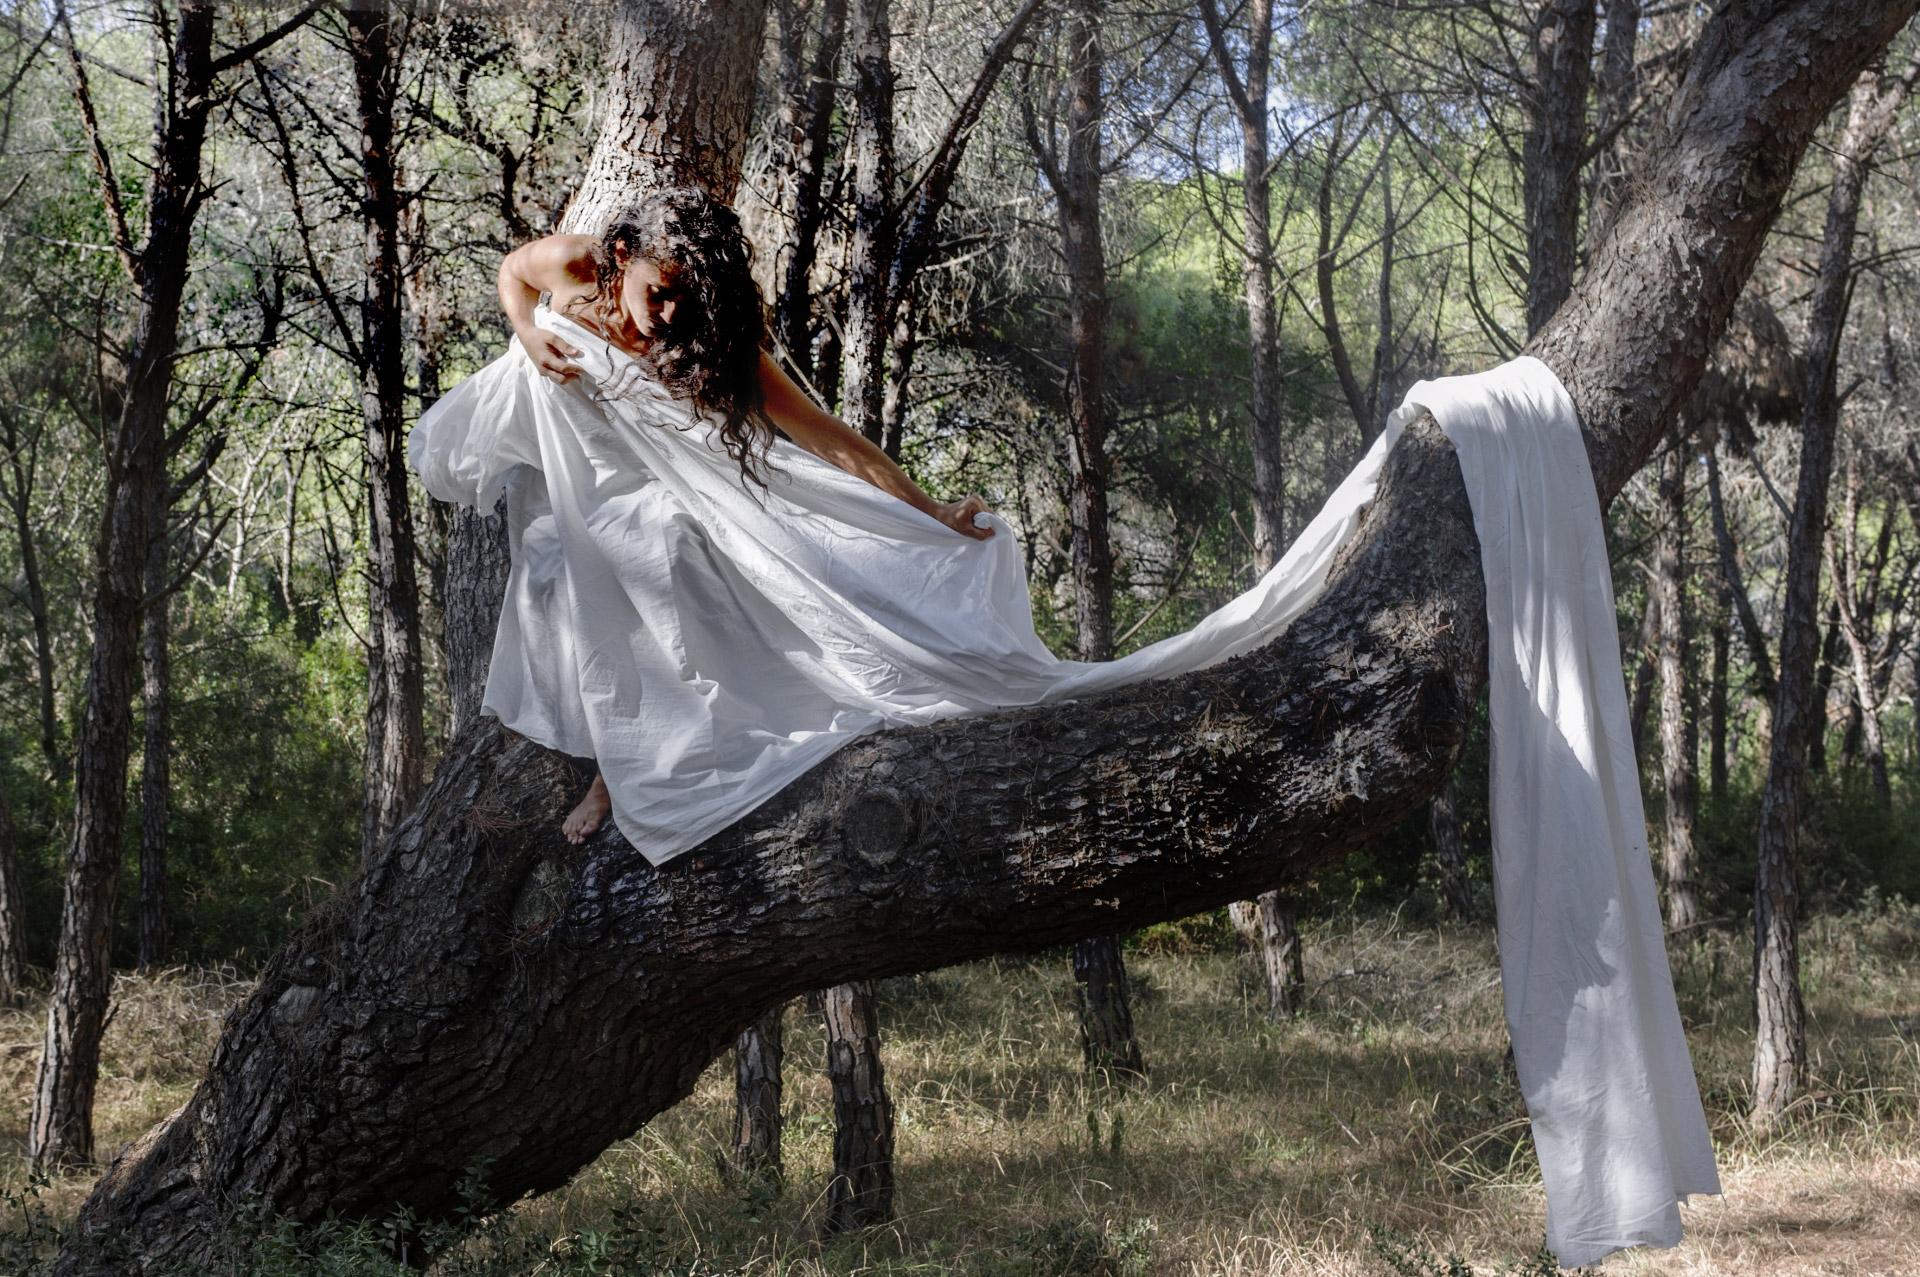 Laboratorio di ritratto fotografico di Francesca Mancini - Sognamondo